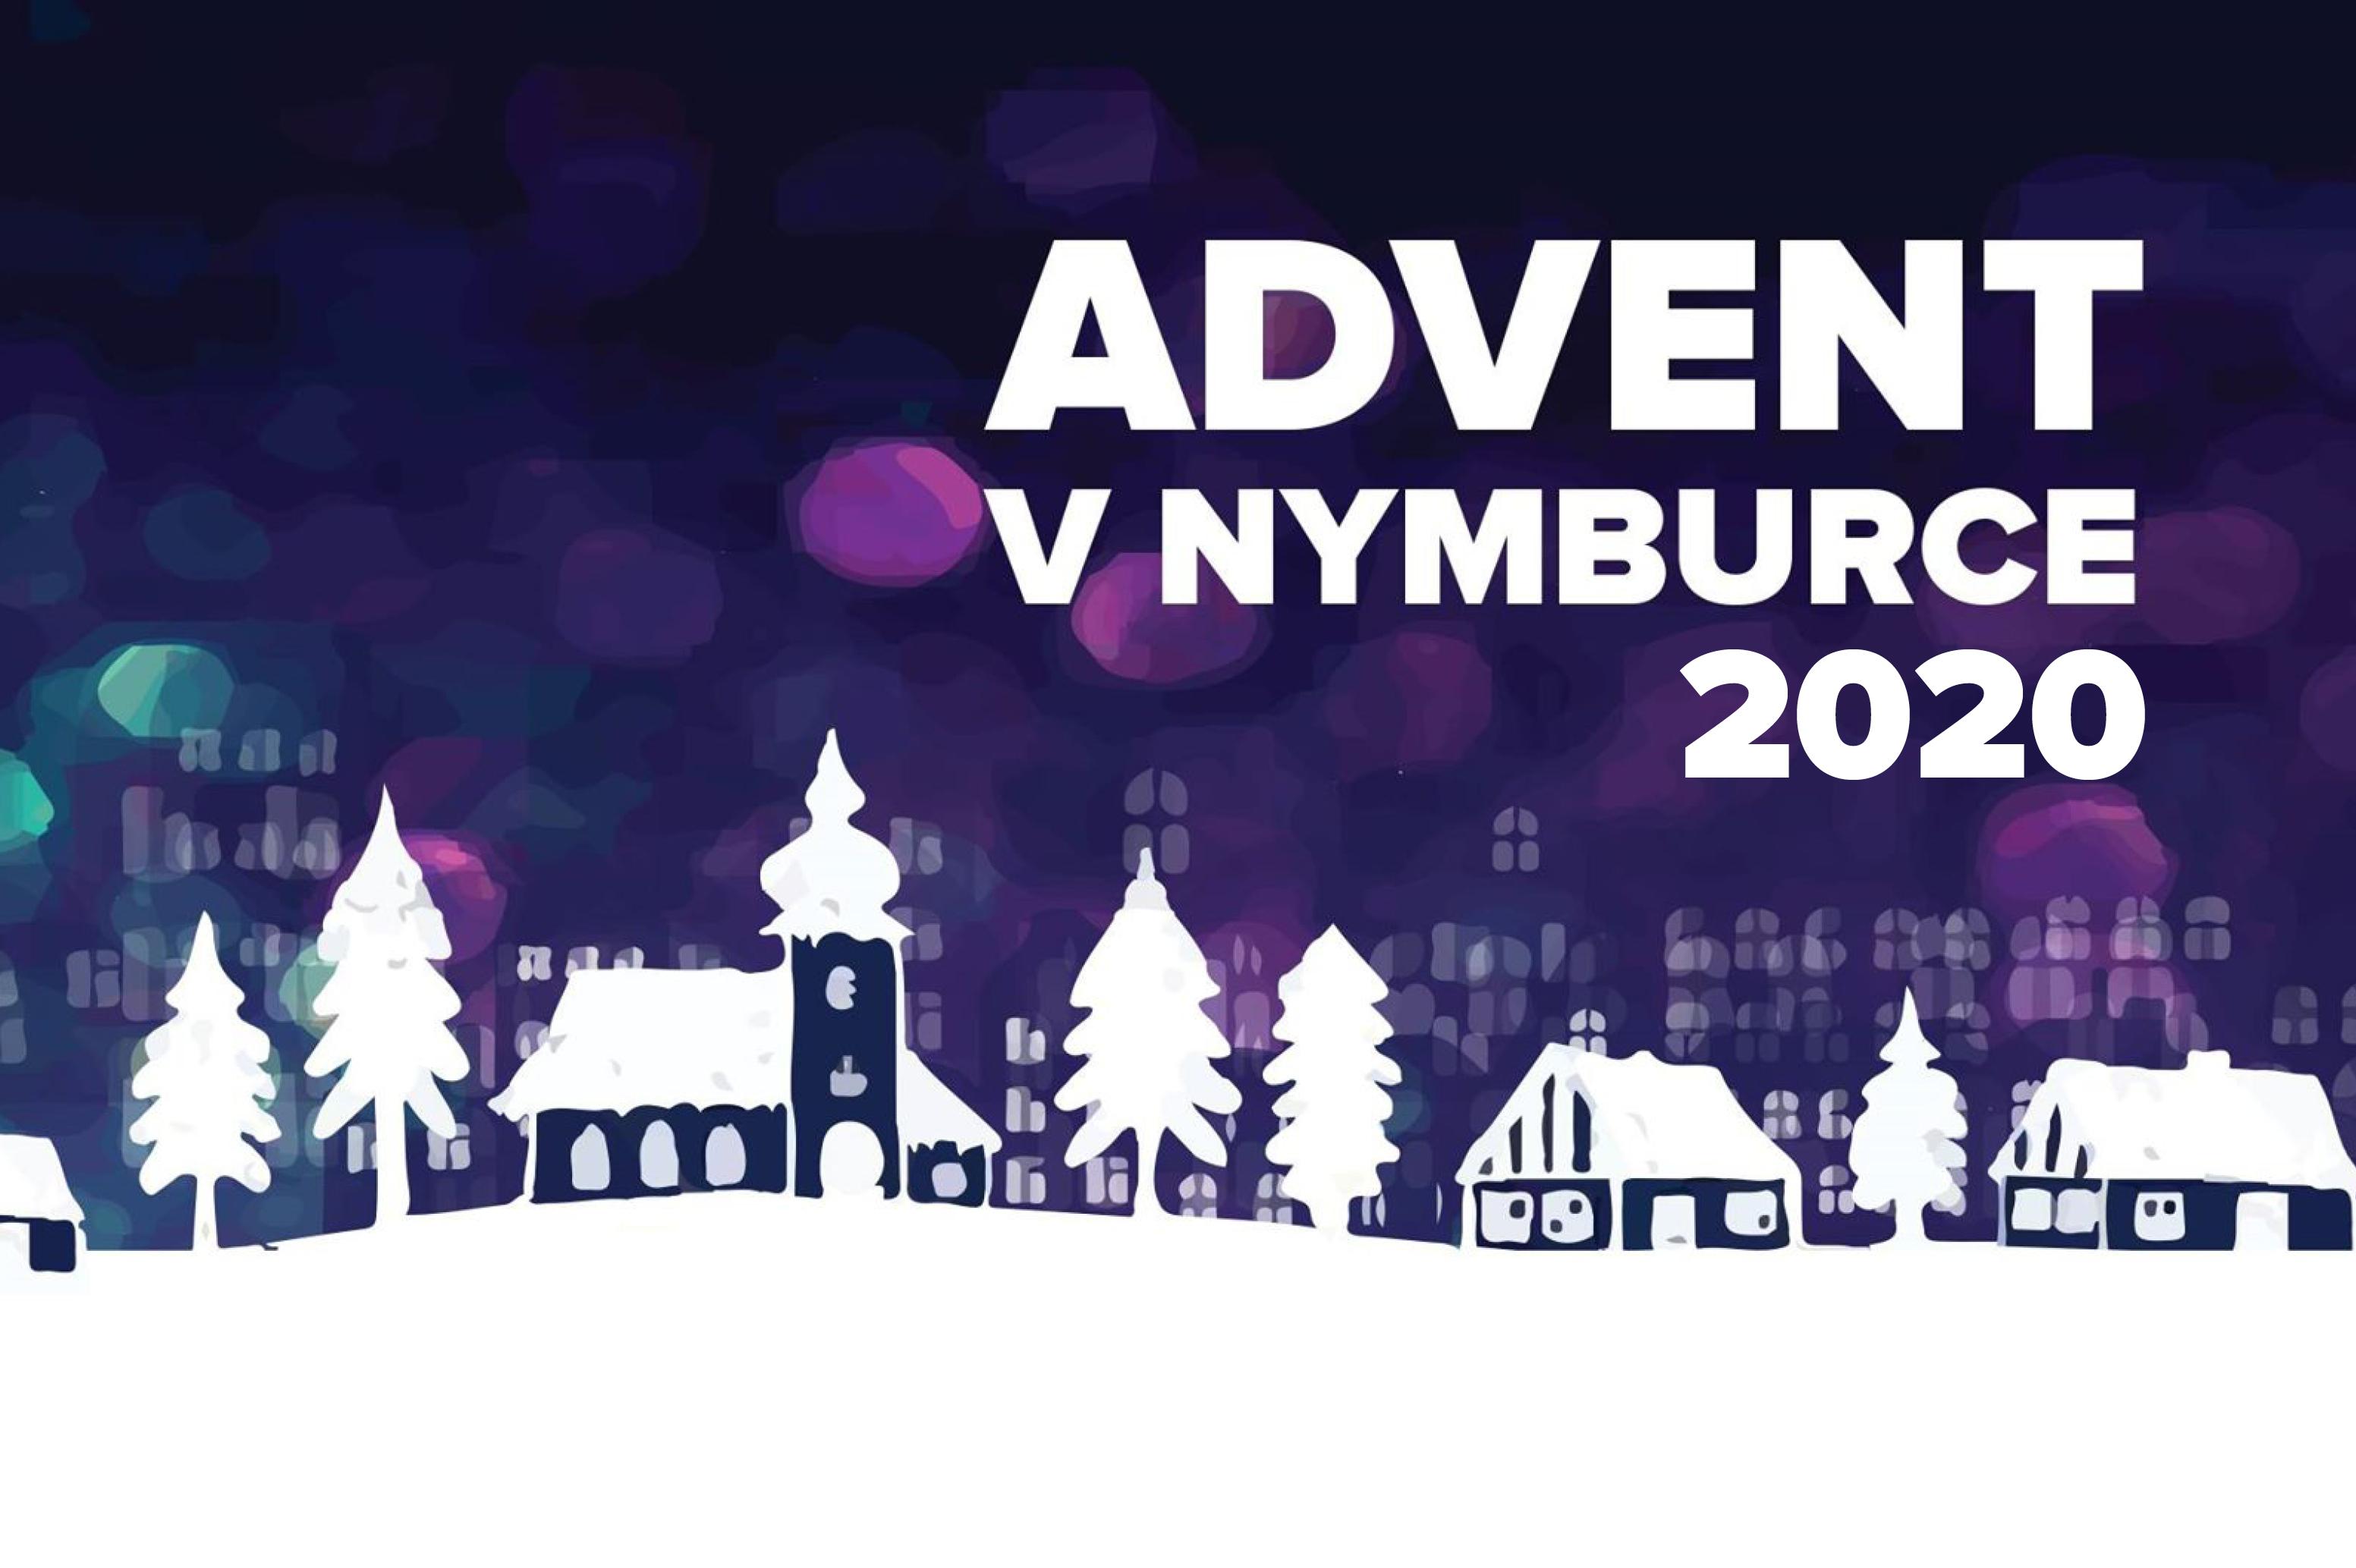 Oslavu adventu zažijeme v Nymburce online